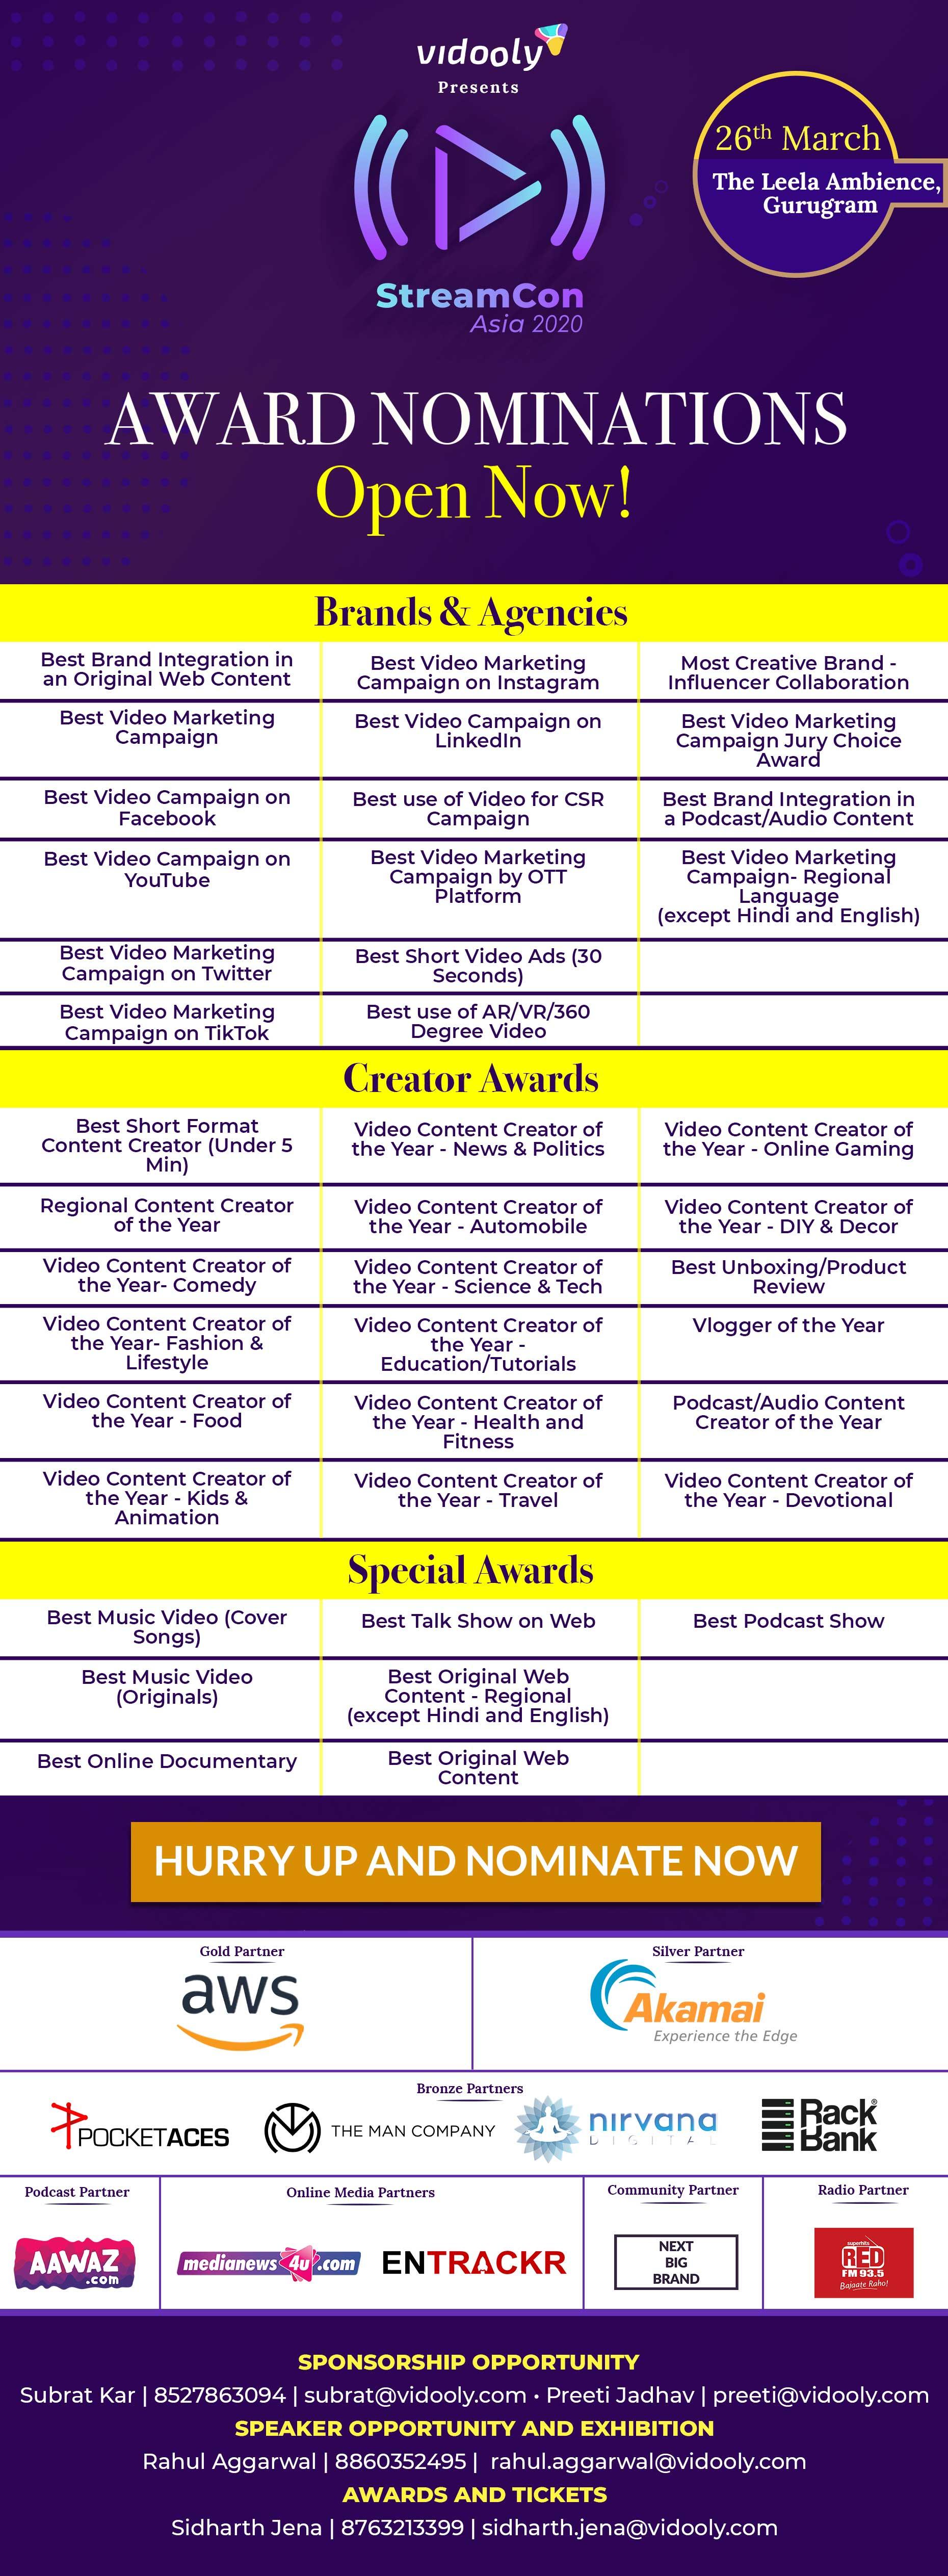 StreamCon Awards